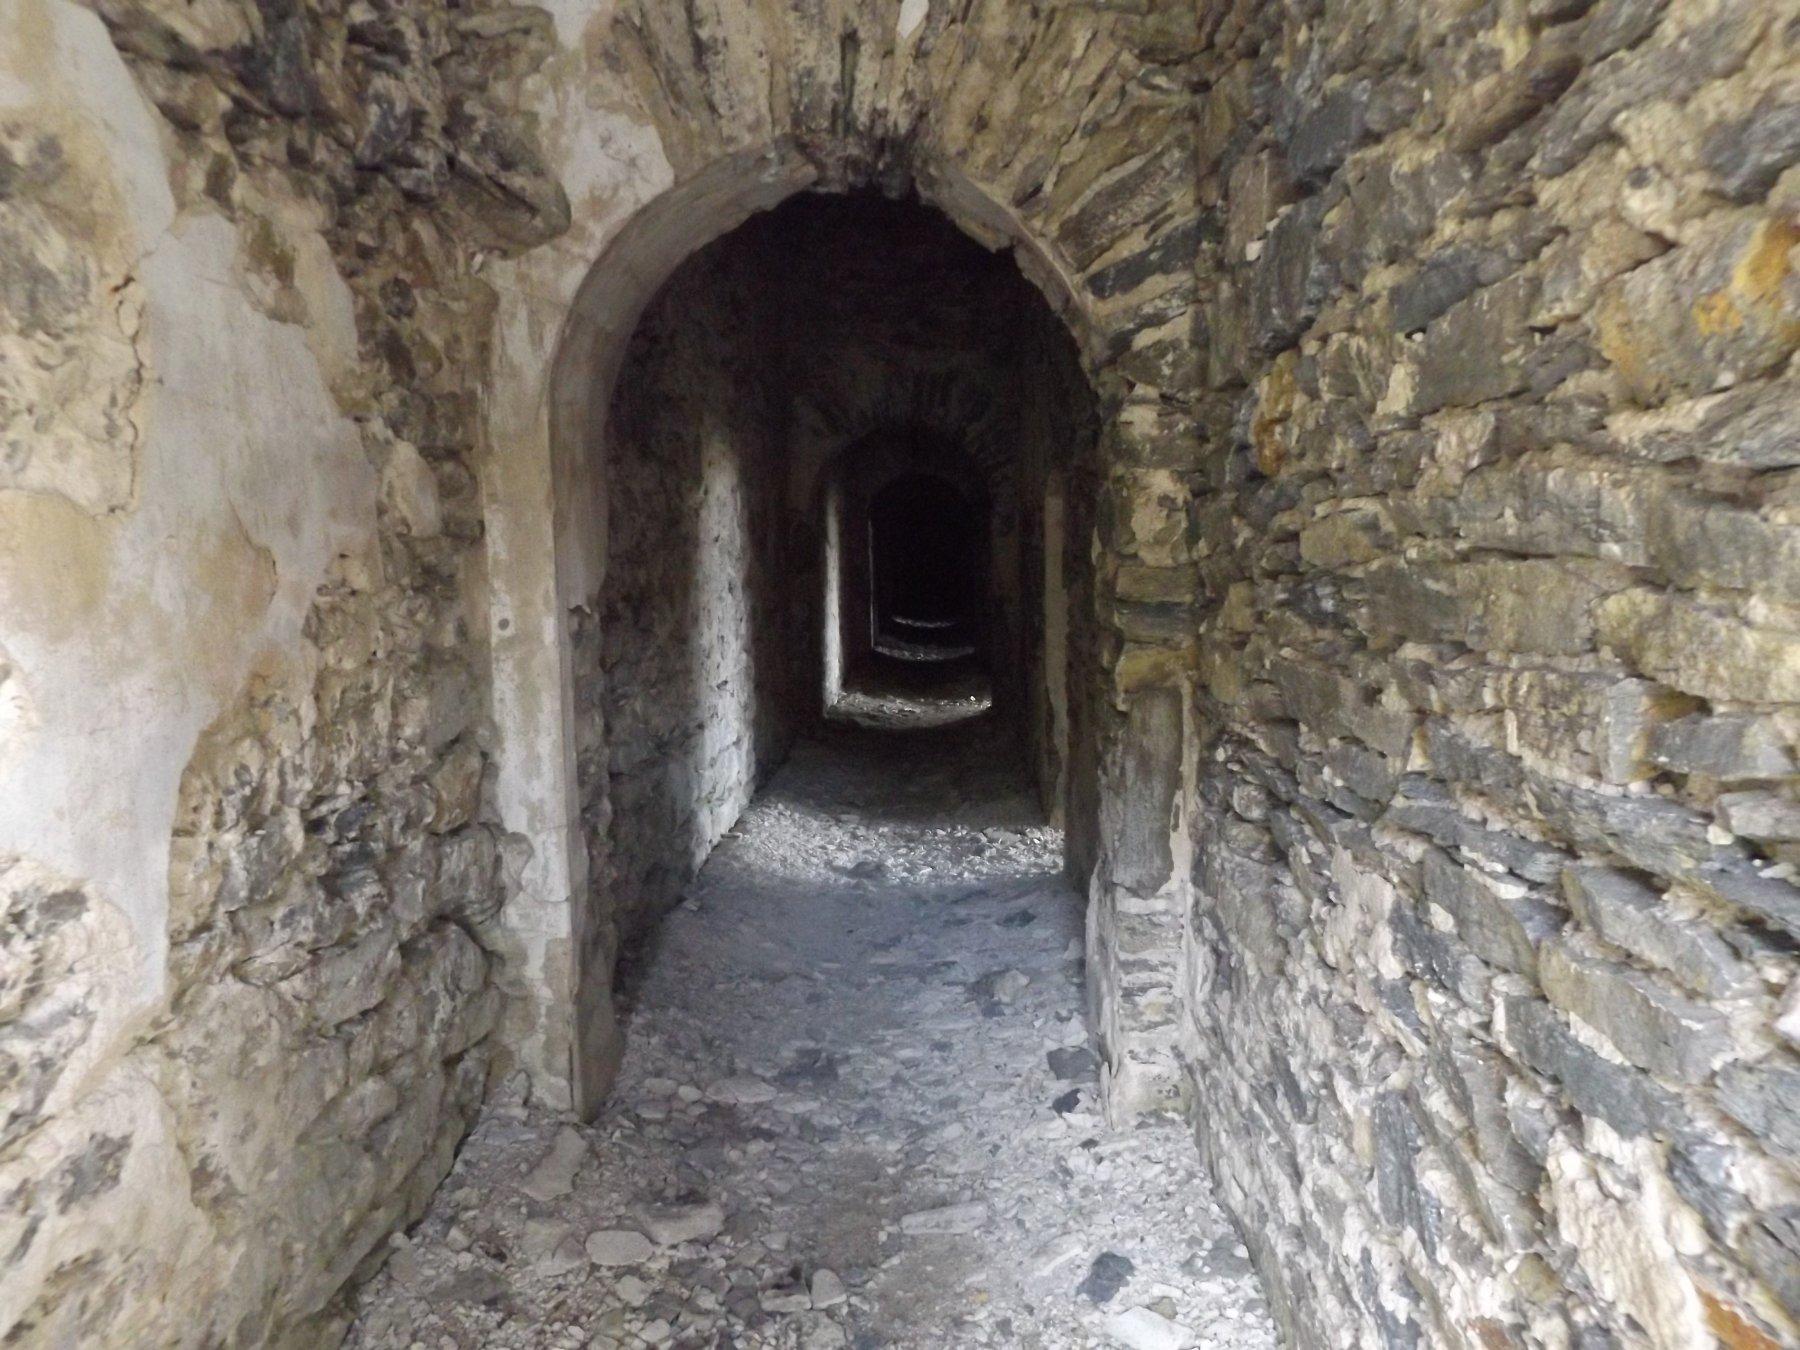 Interno del forte con accesso dalla galleria